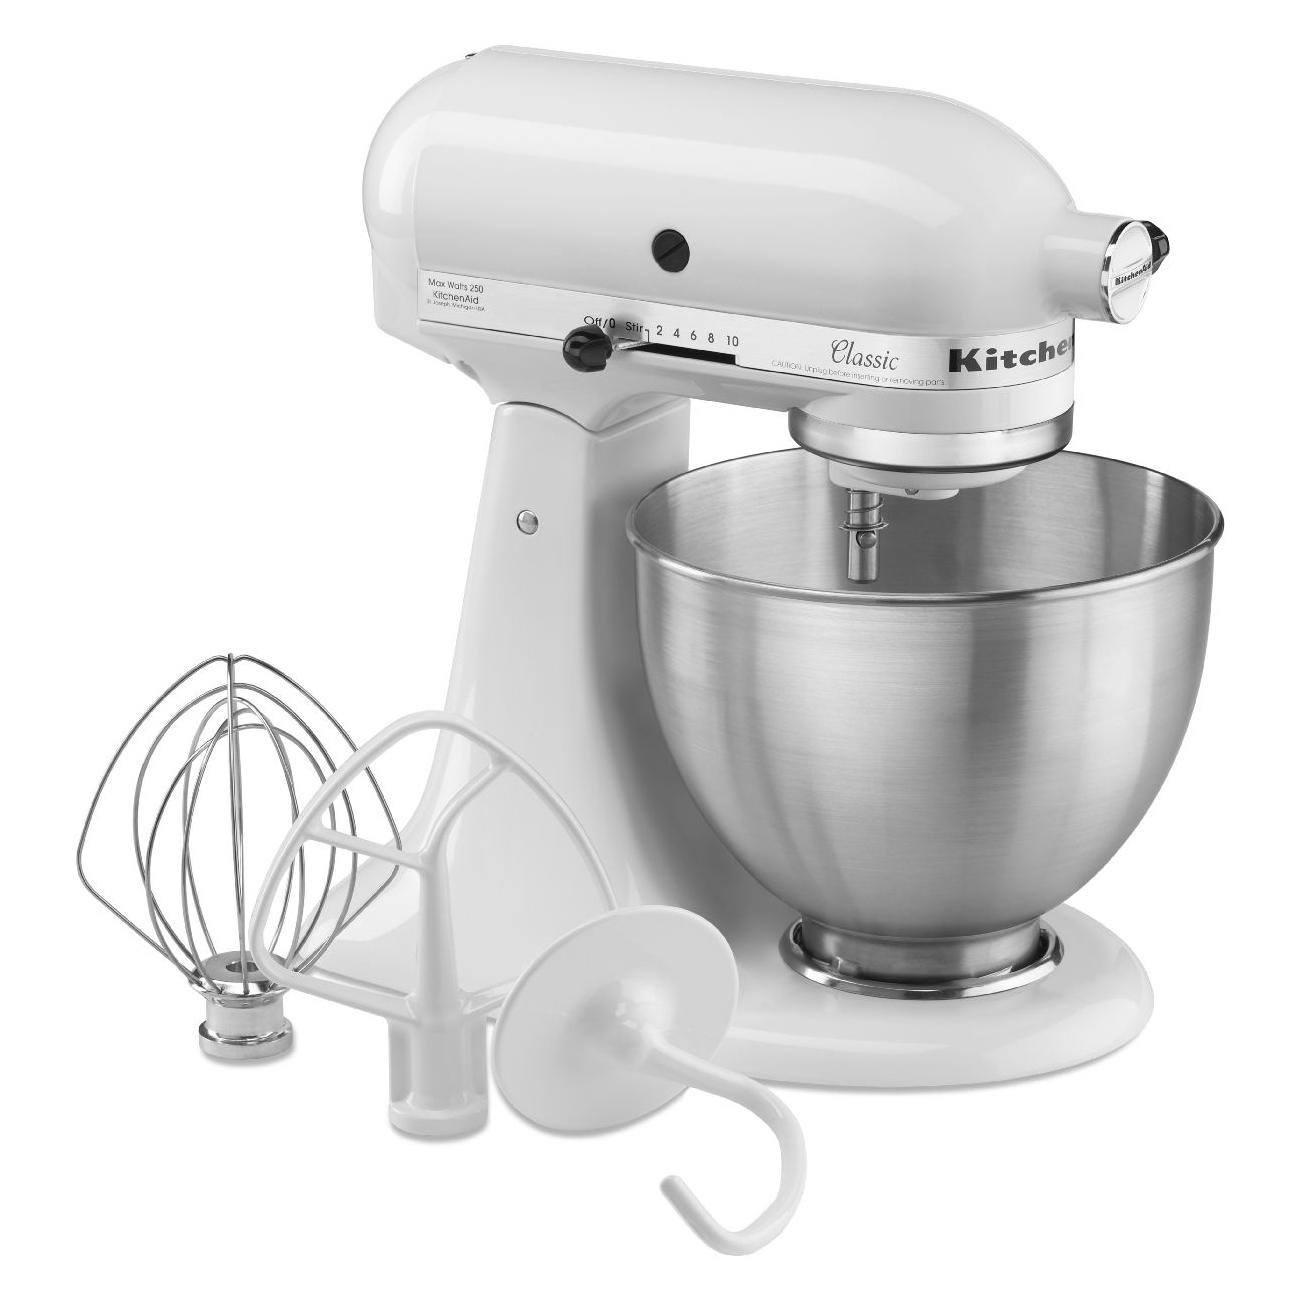 KitchenAid Classic Series White 4.5 Quart Tilt Head Stand Mixer